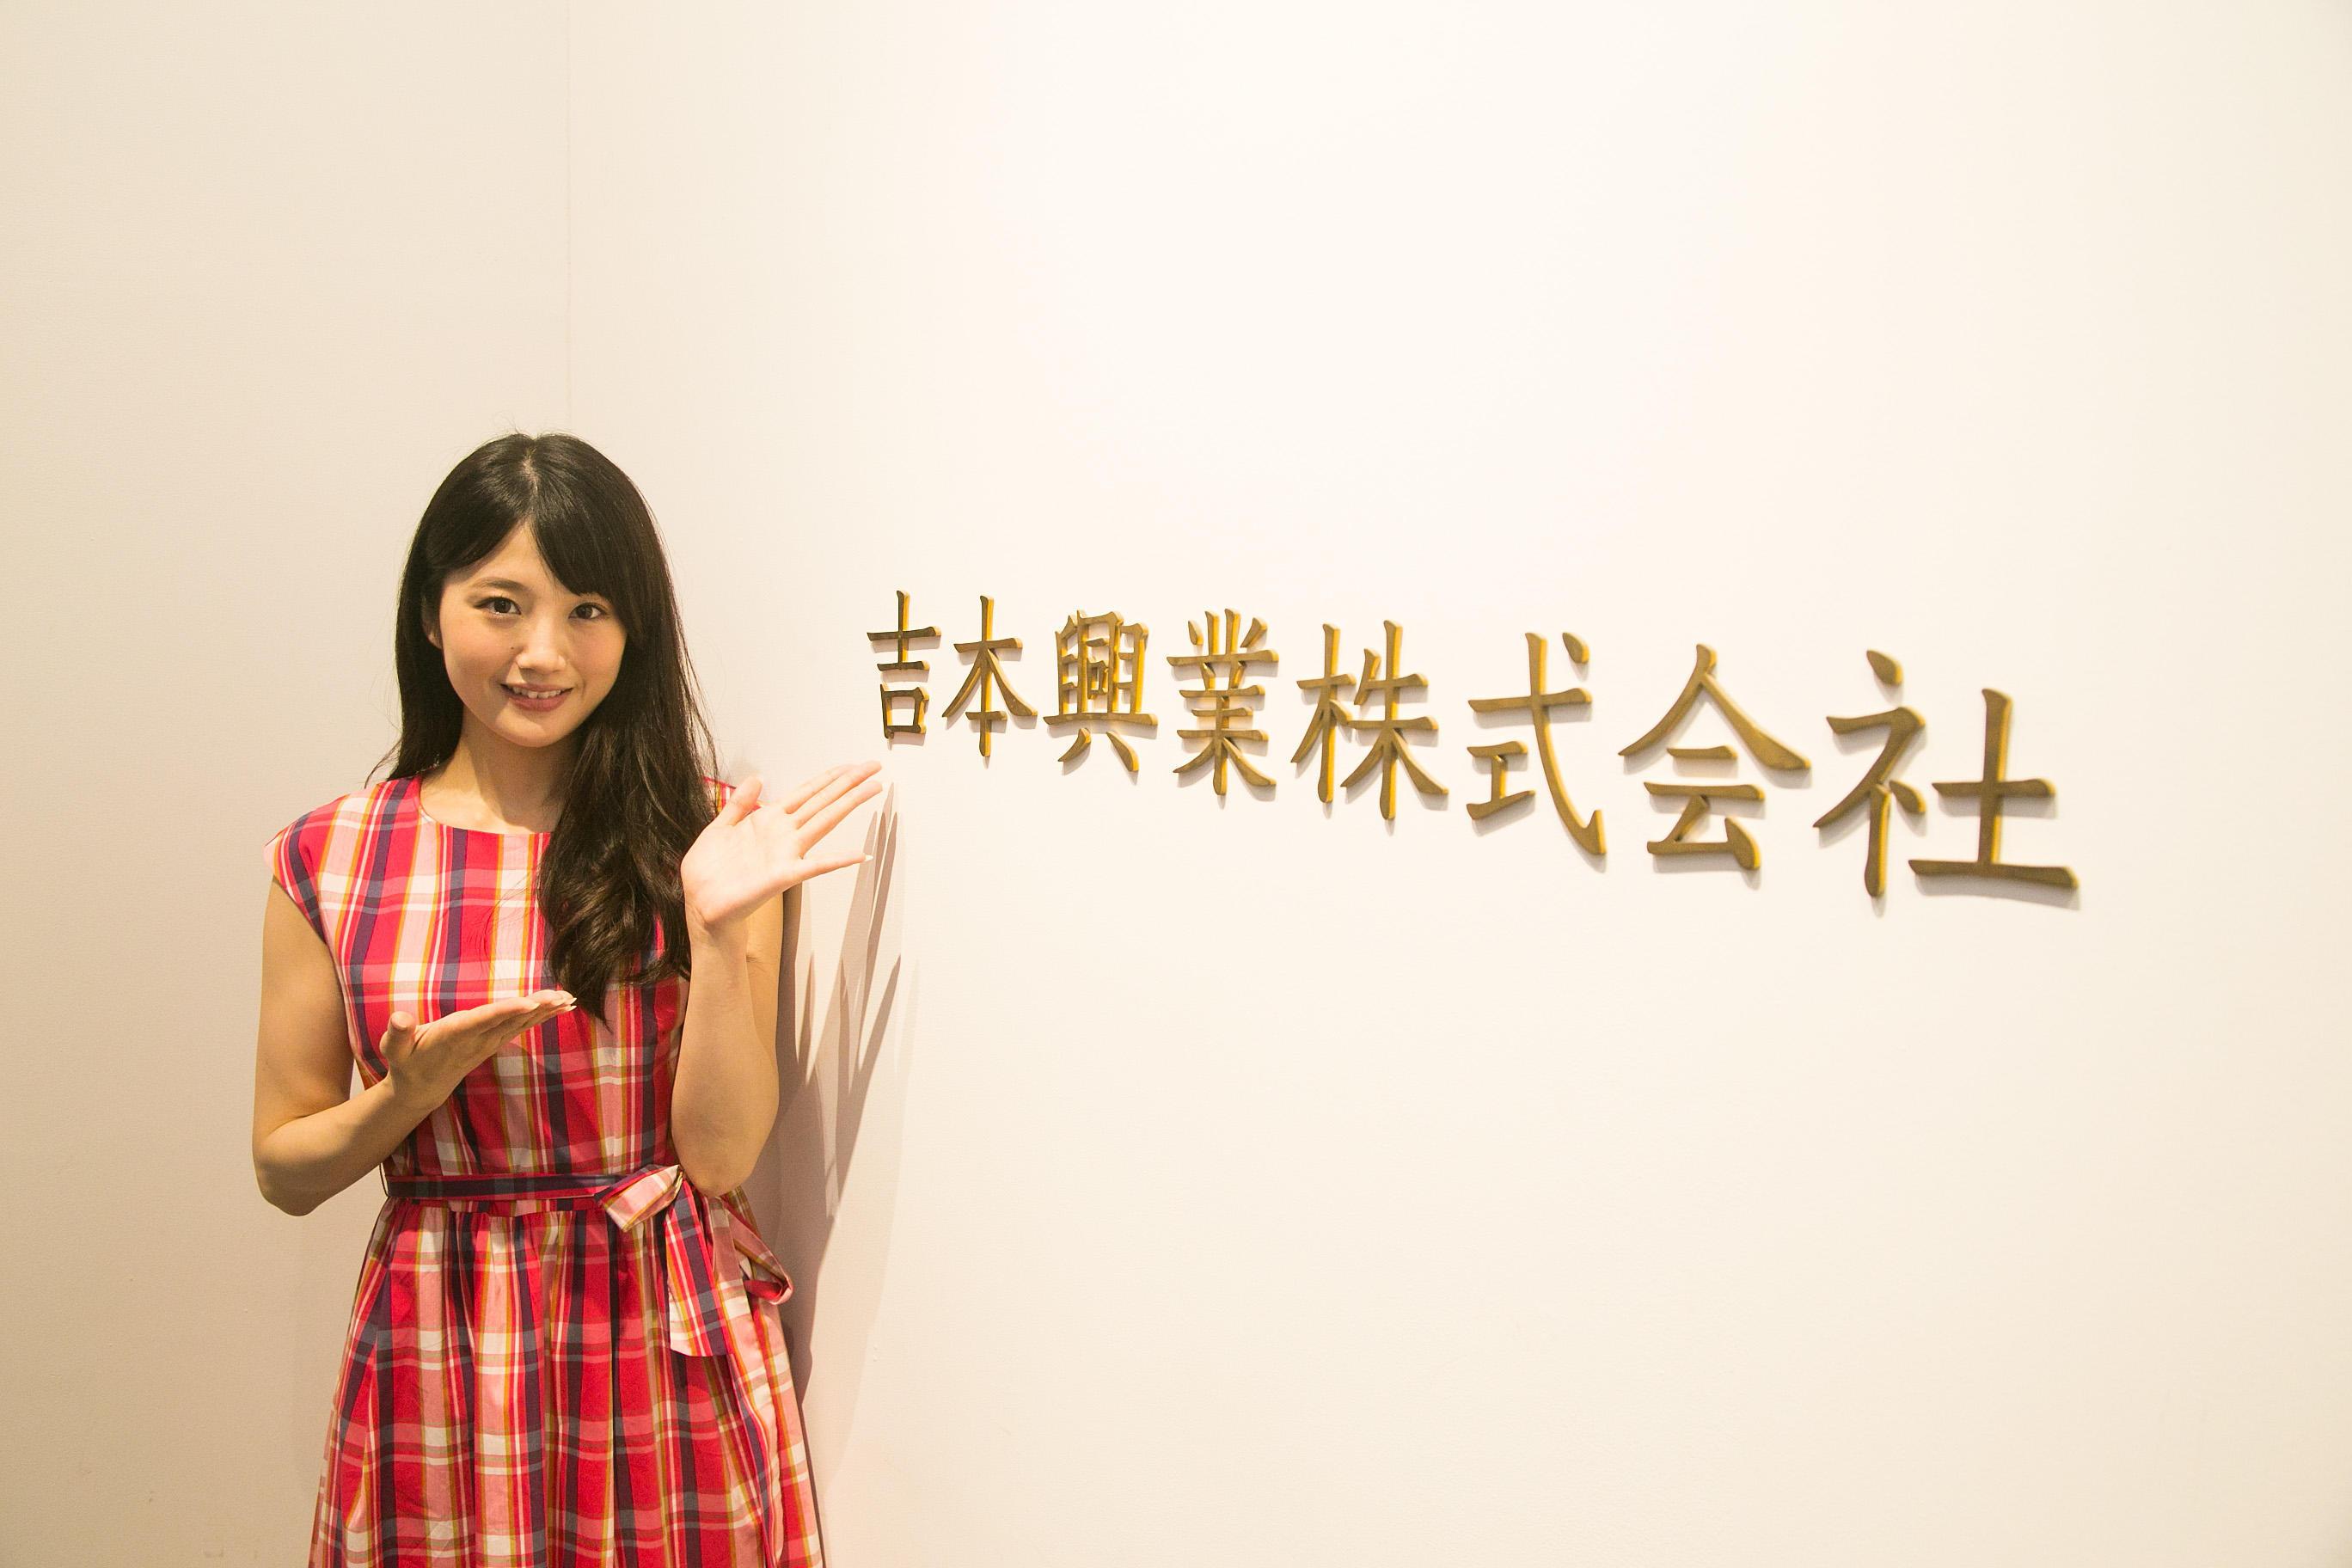 http://news.yoshimoto.co.jp/20180815120639-23113576e2df100679a470a71988e8897a1c1423.jpg